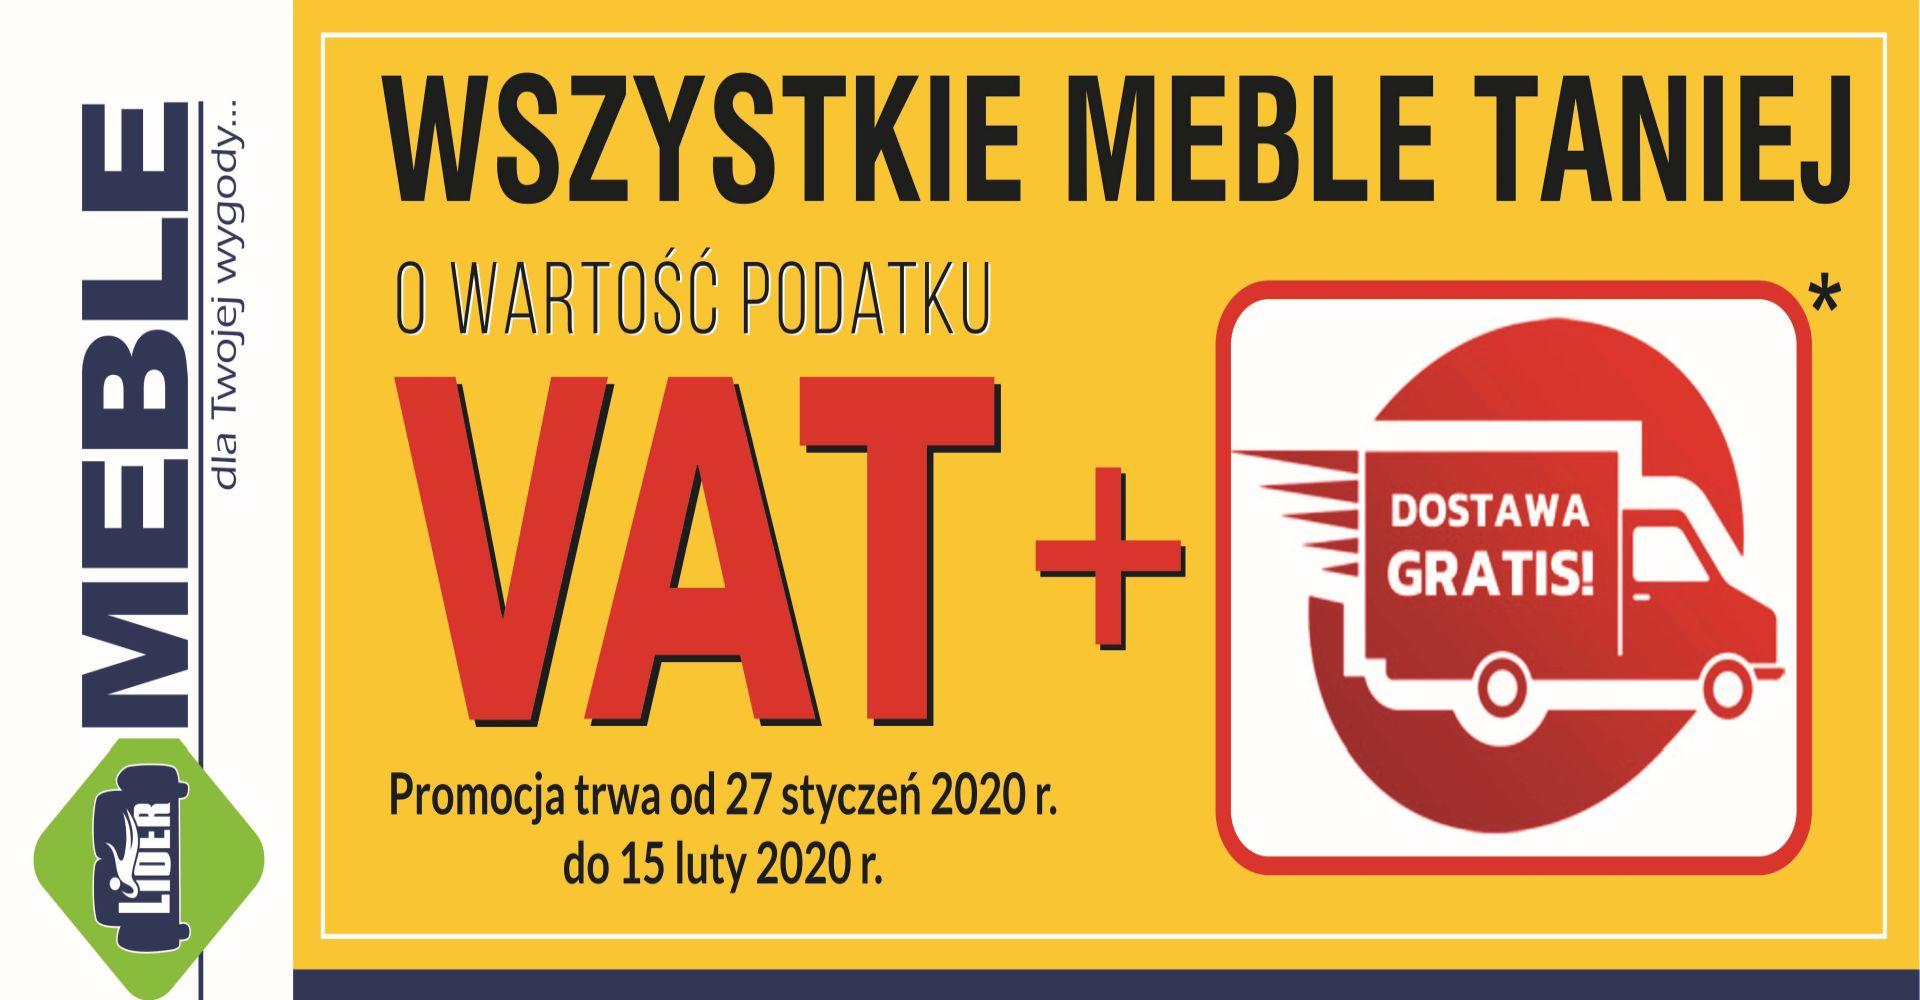 MEBLE Taniej o wartość podatku VAT + darmowa dostawa